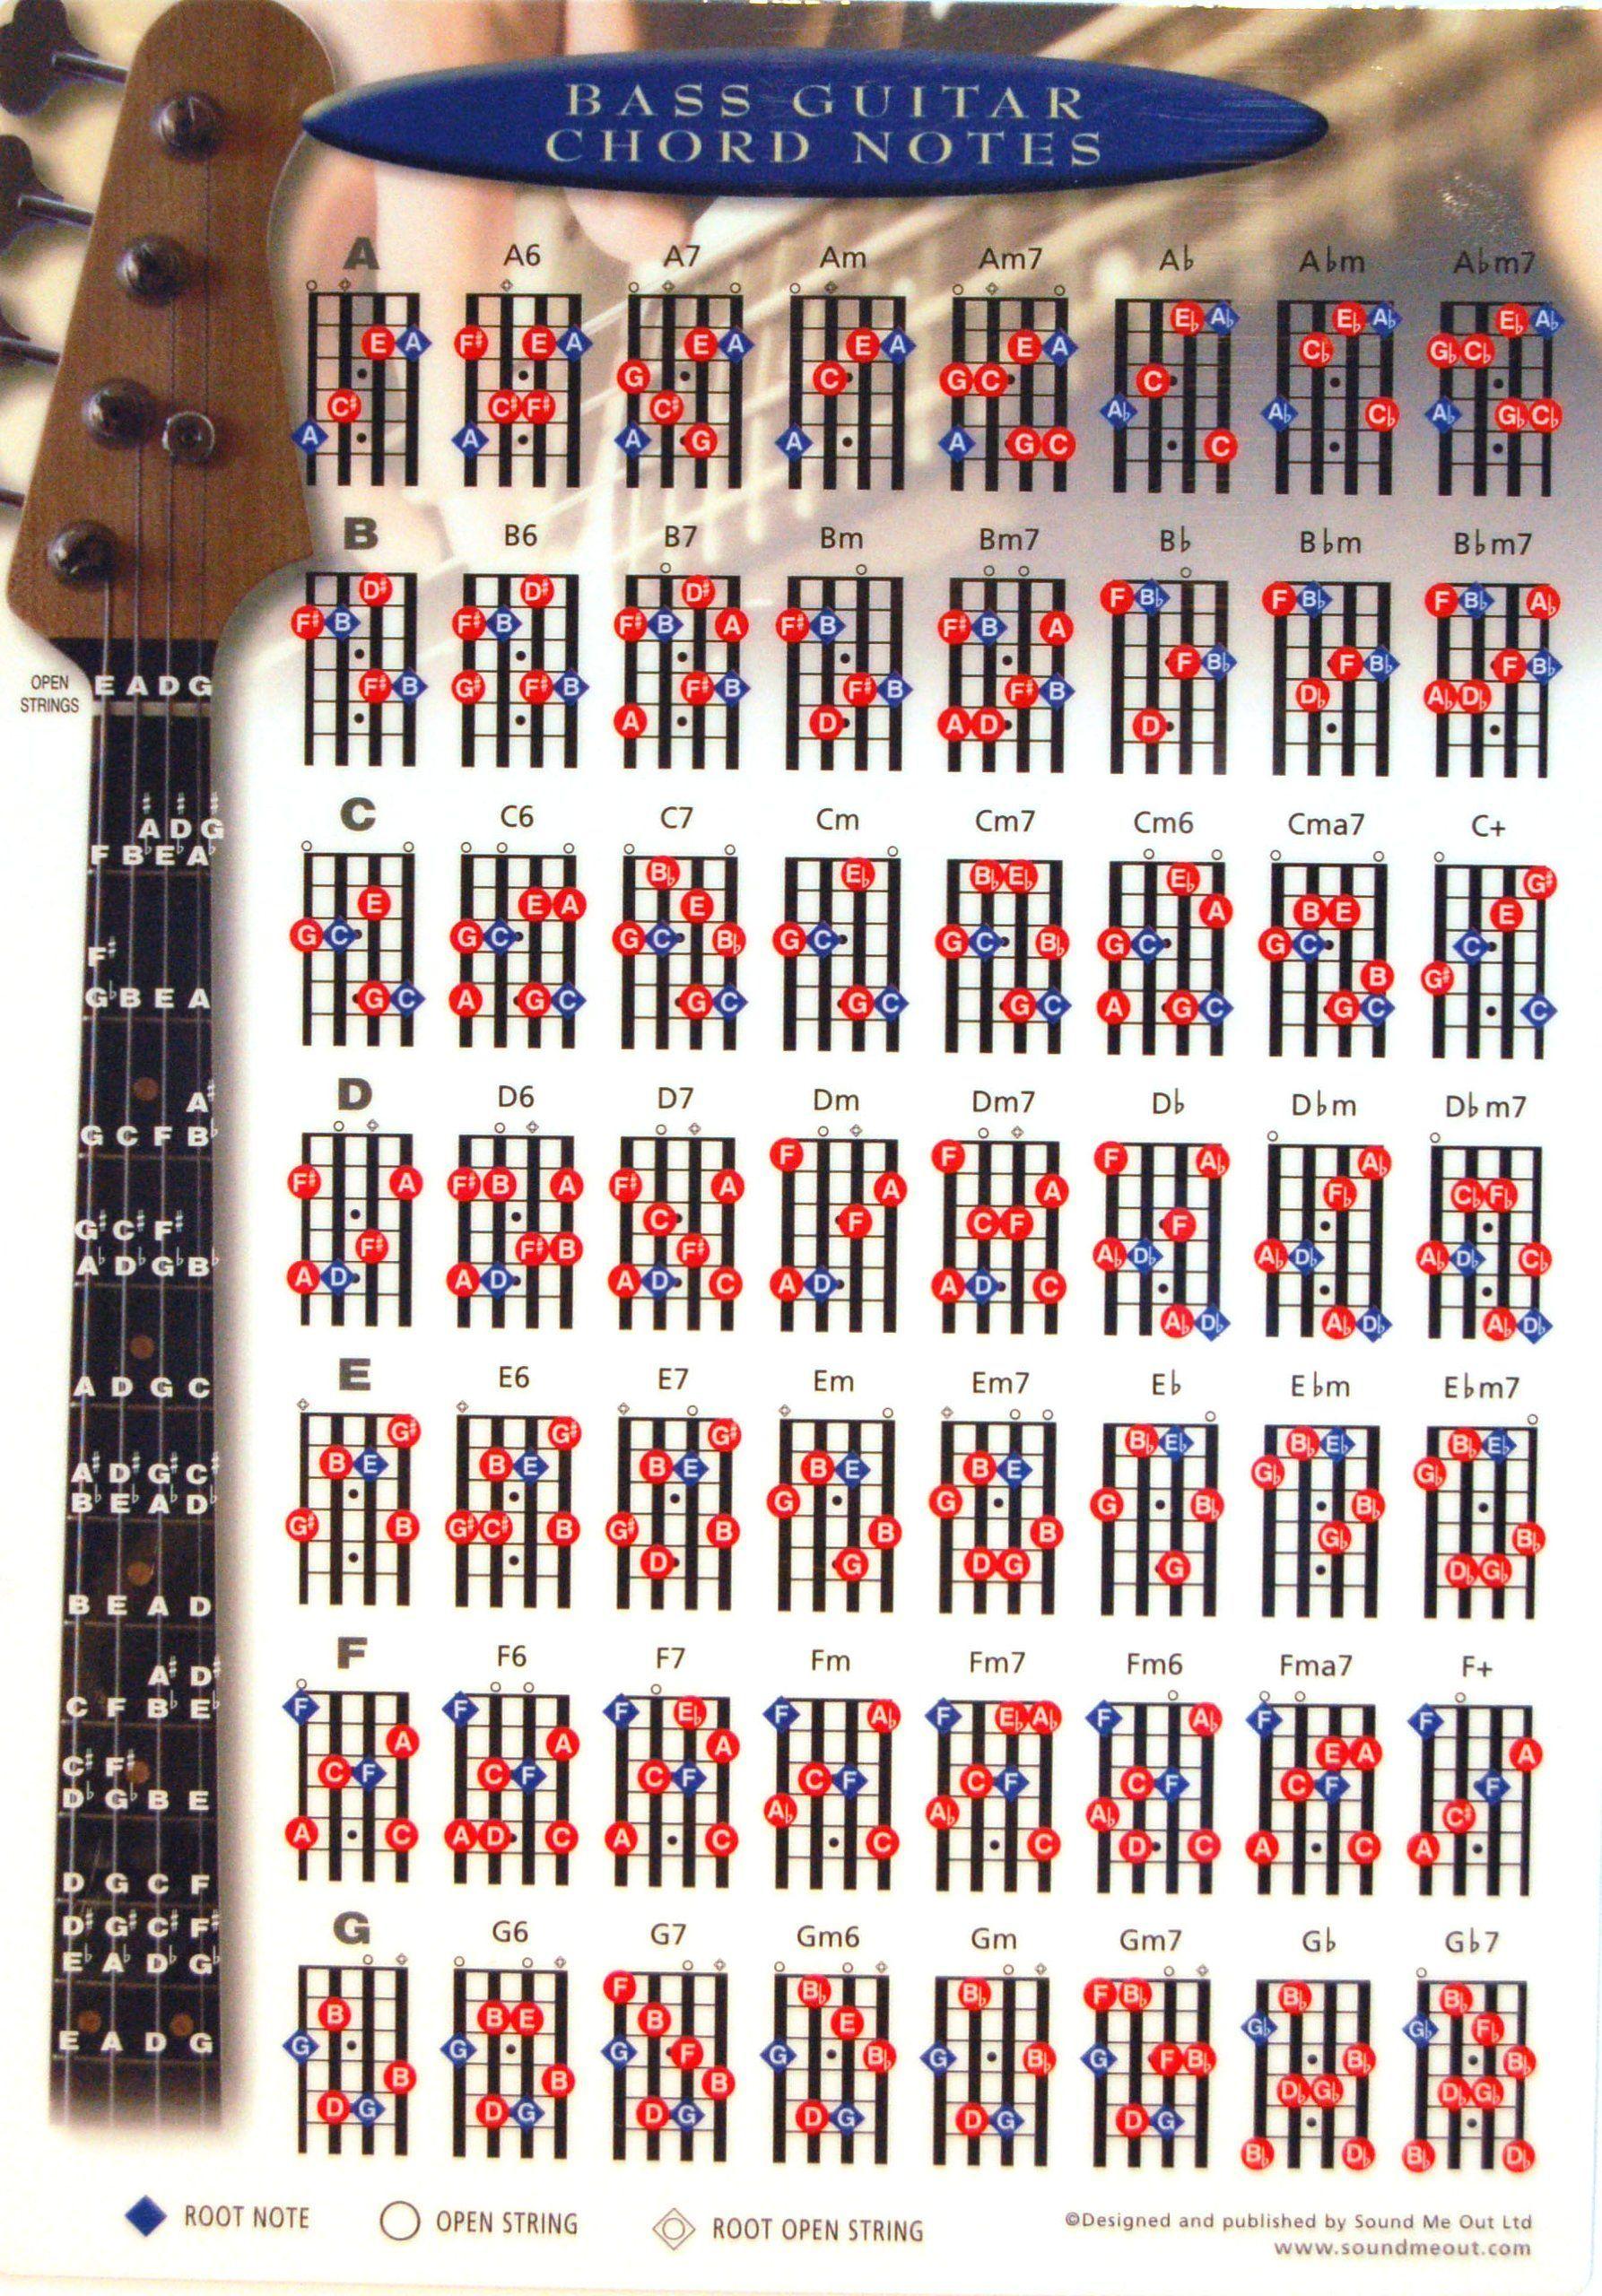 Bass Guitar Chords Chart Bassguitar Strings Things Pinterest